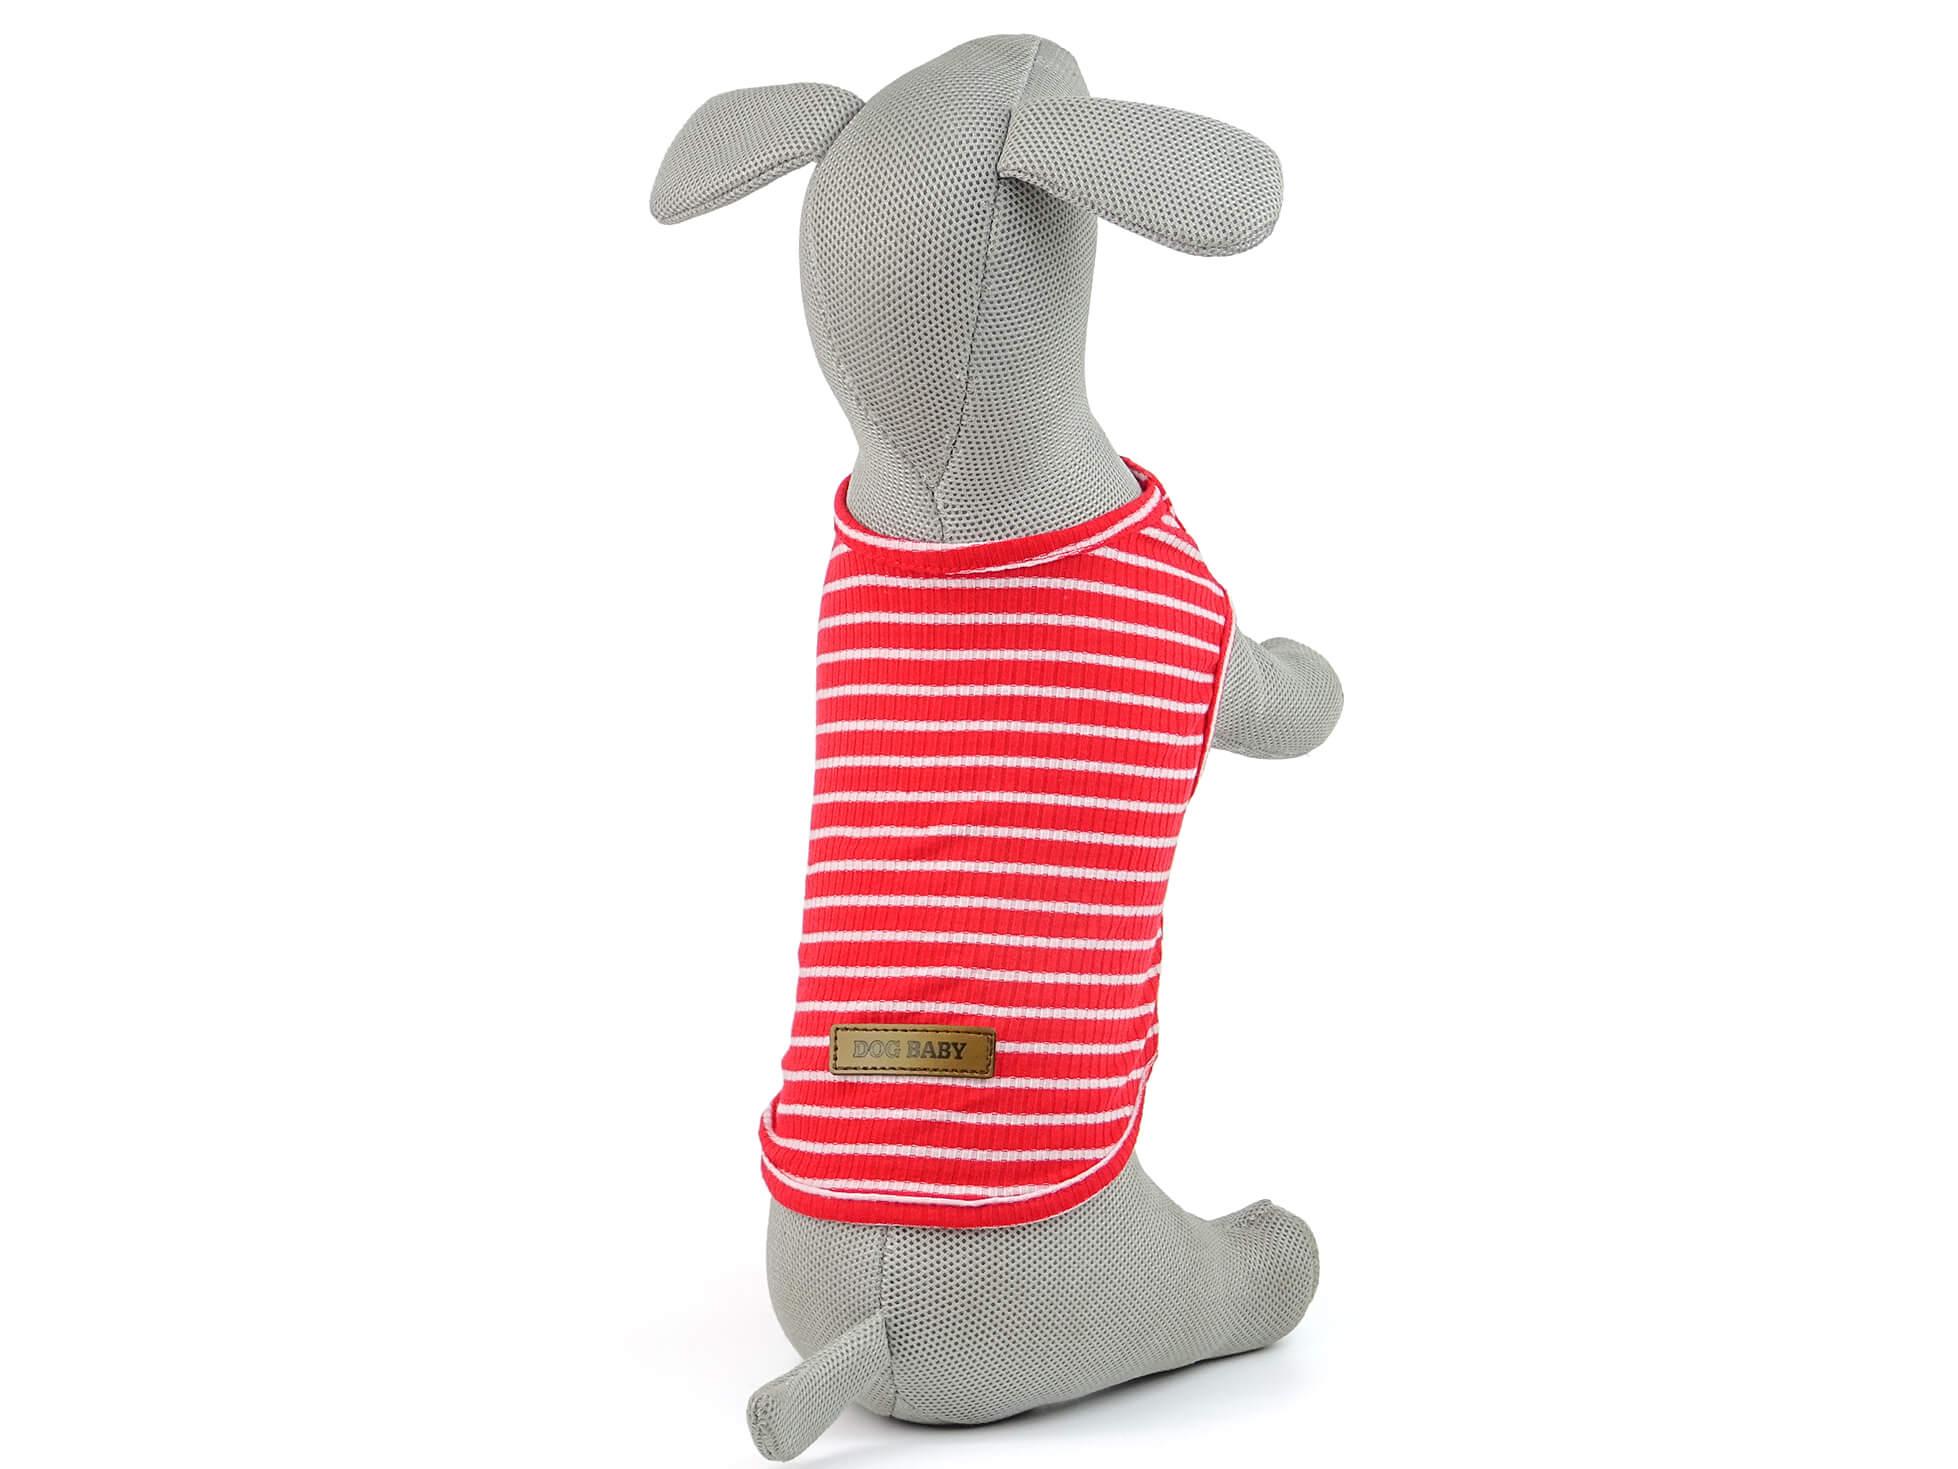 Levně Vsepropejska Dog pruhované tričko pro psa Barva: Červená, Délka zad psa: 21 cm, Obvod hrudníku: 30 - 33 cm